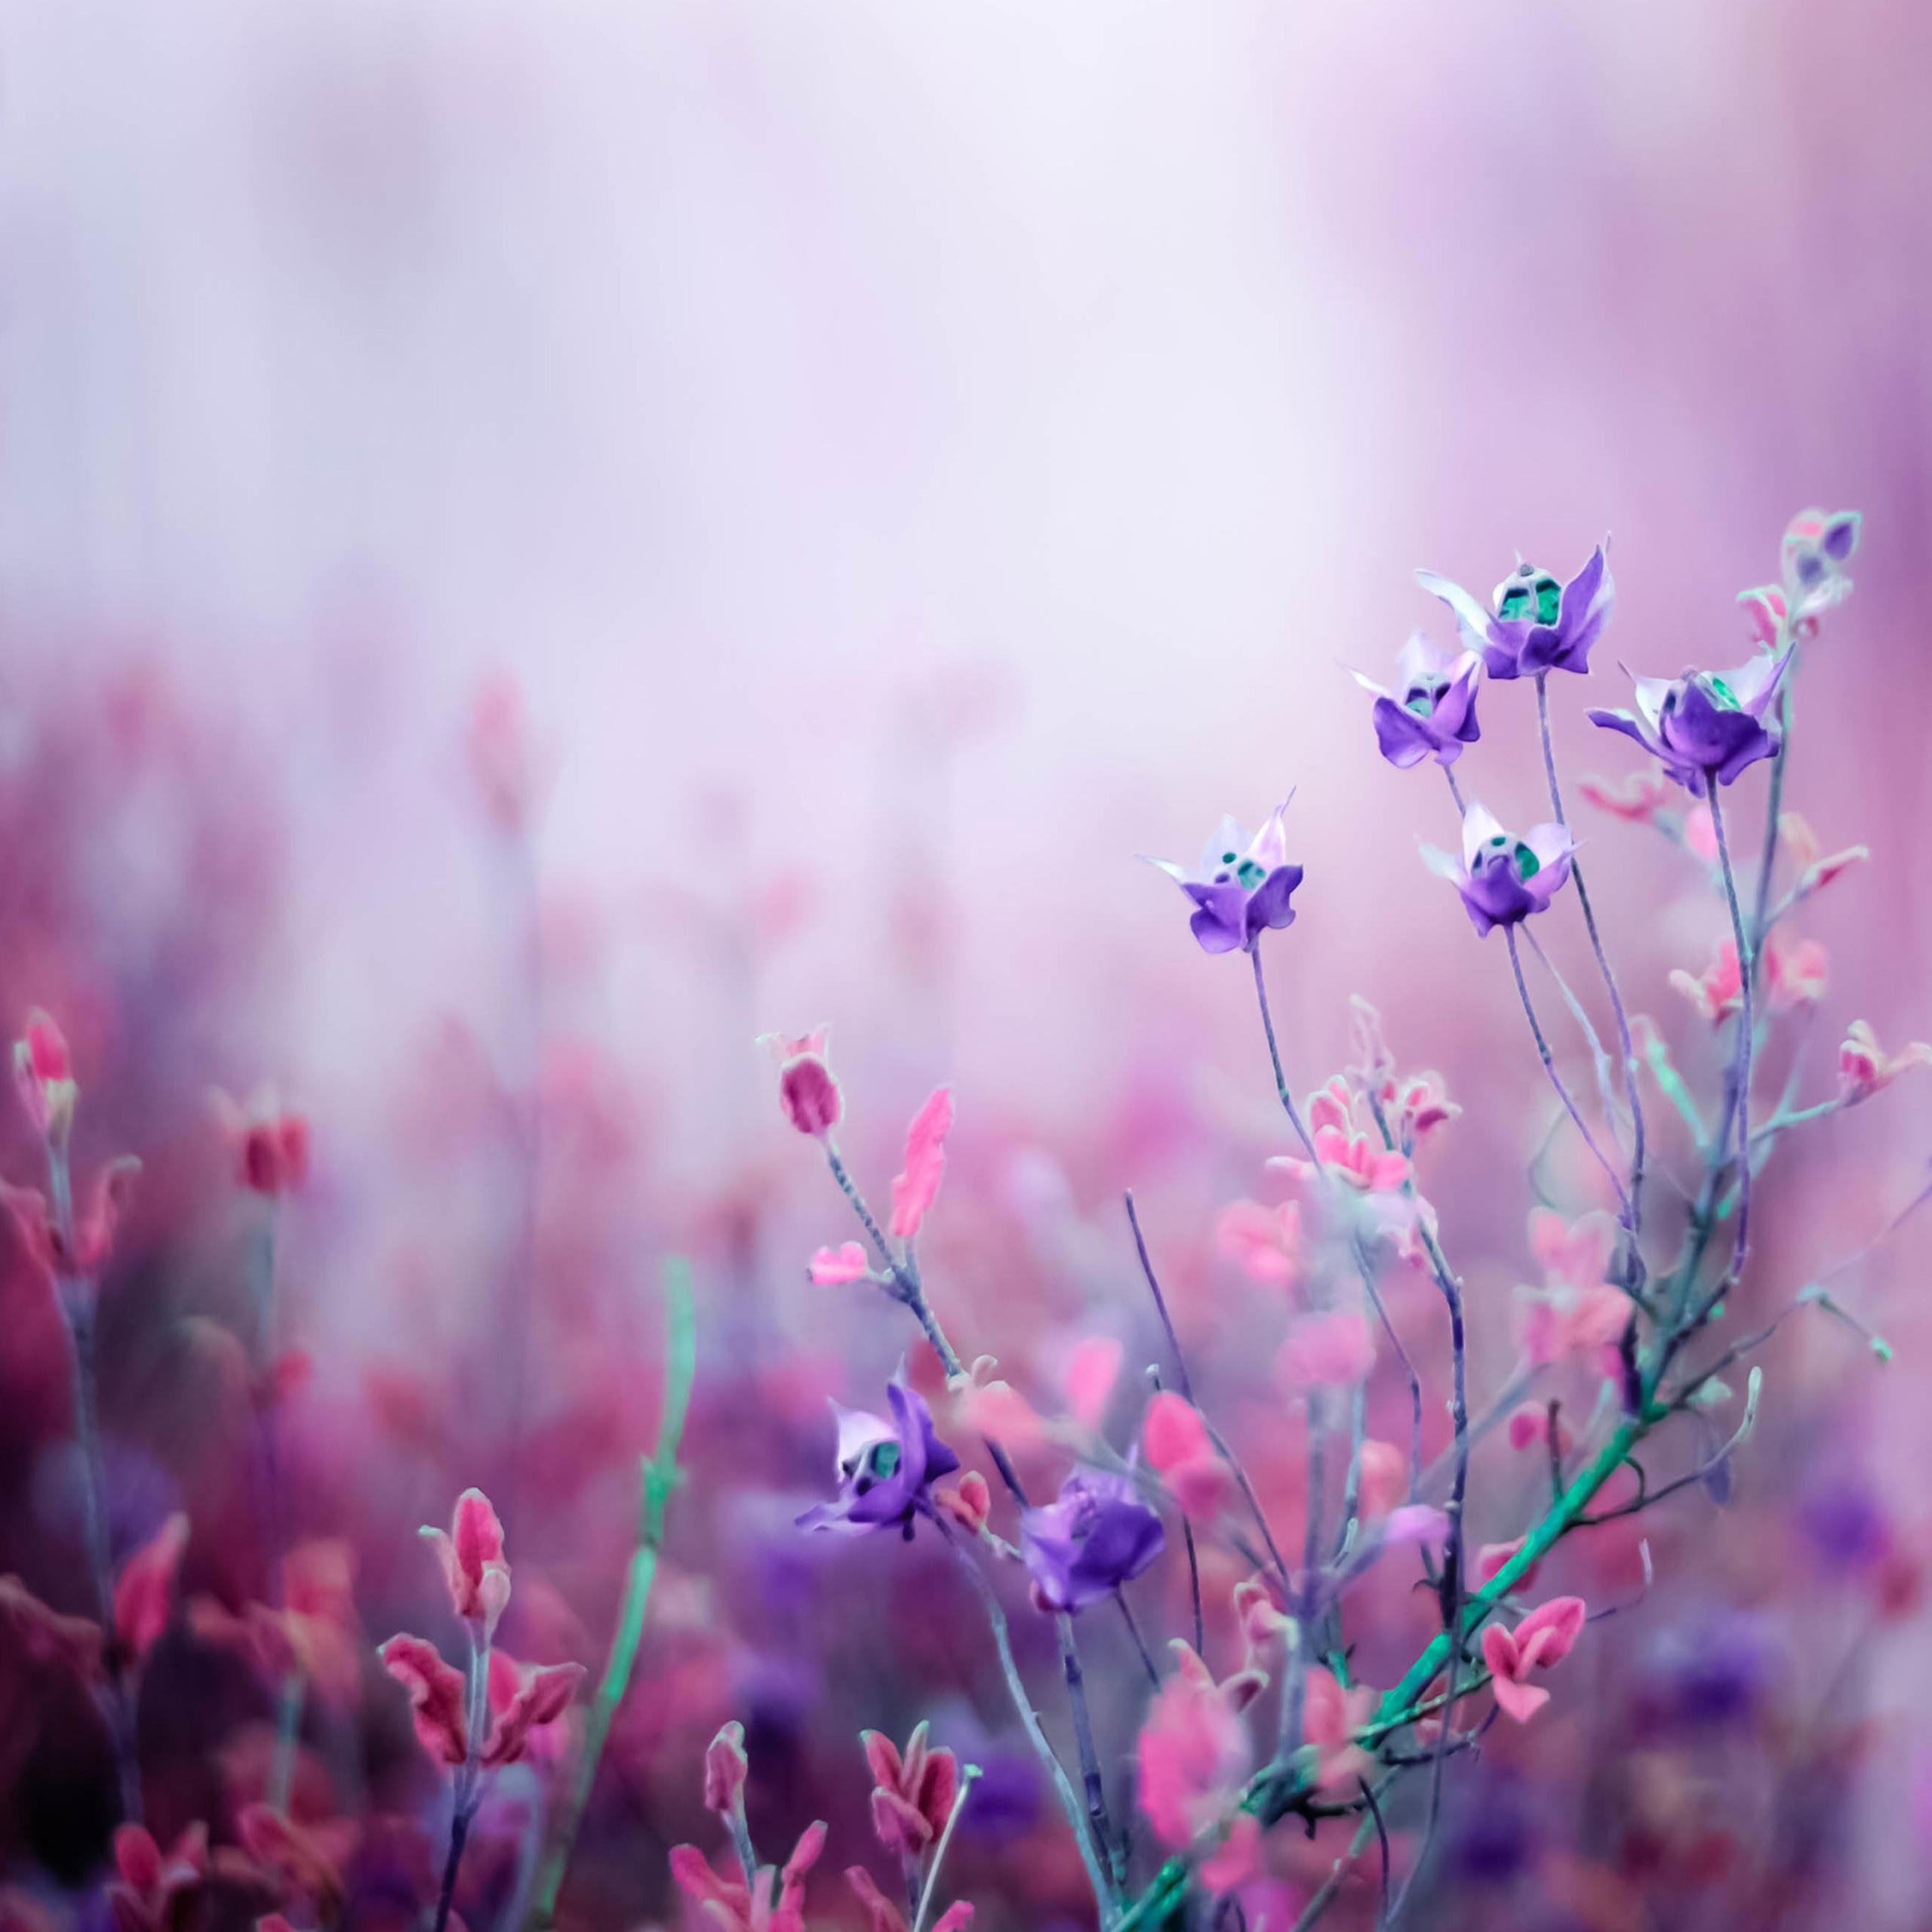 صوره صور خلفيات ورد , شاهد الرقة الشاعرية فى خلفيات الورد